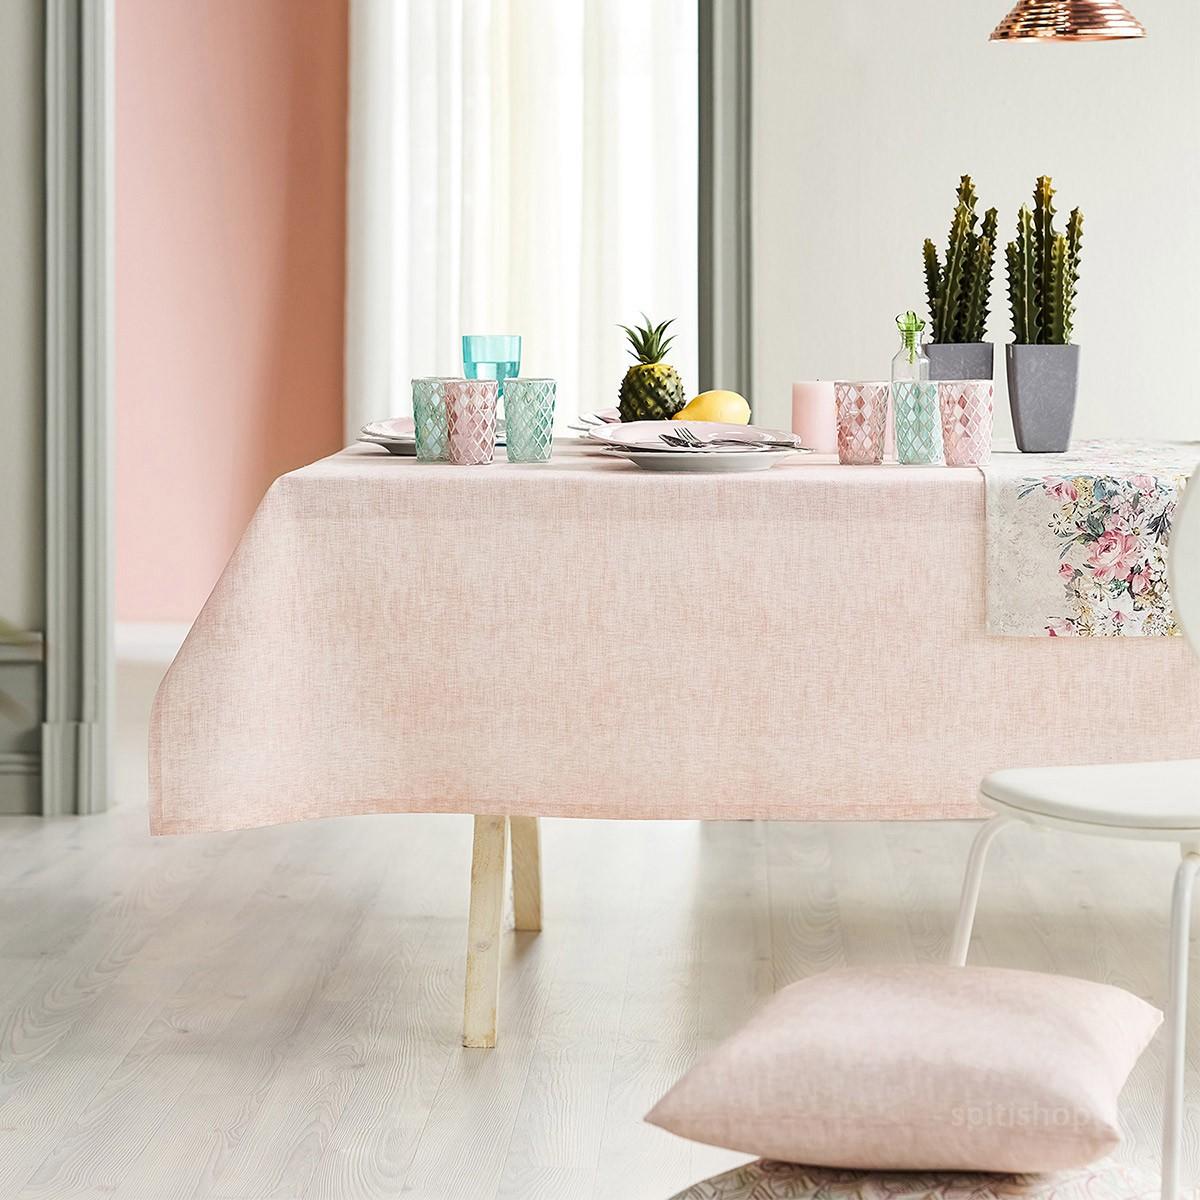 Τραπεζομάντηλο Ροτόντα Gofis Home Mood Pink 263/17